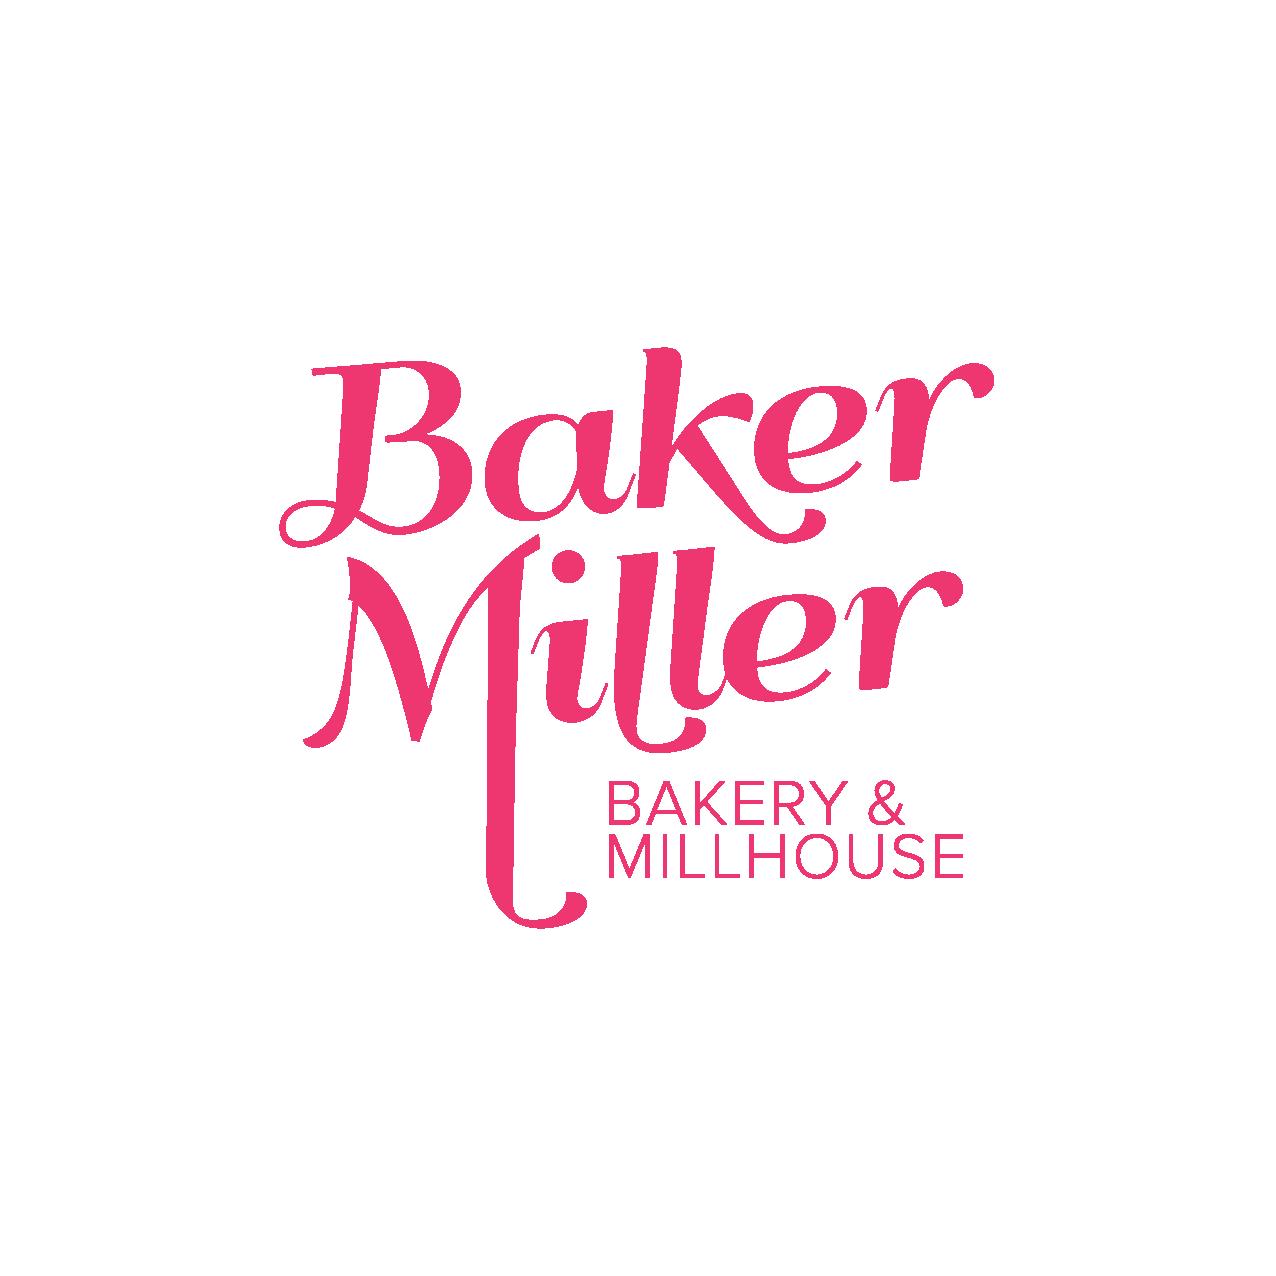 bakermiller_logo copy-pink-01.png